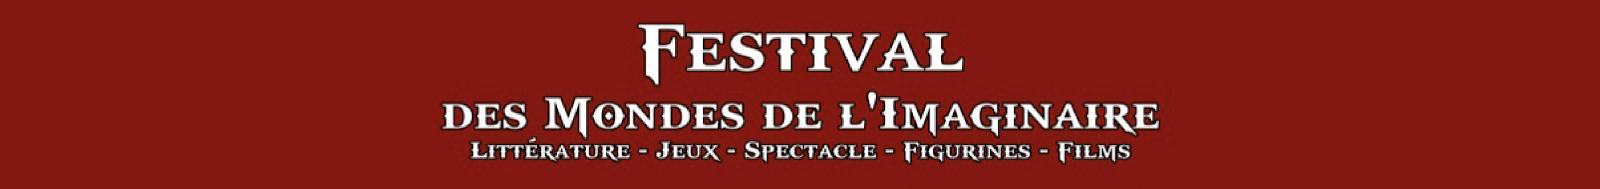 festival des mondes de l'imaginaire littérature jeux figurines films spectacle